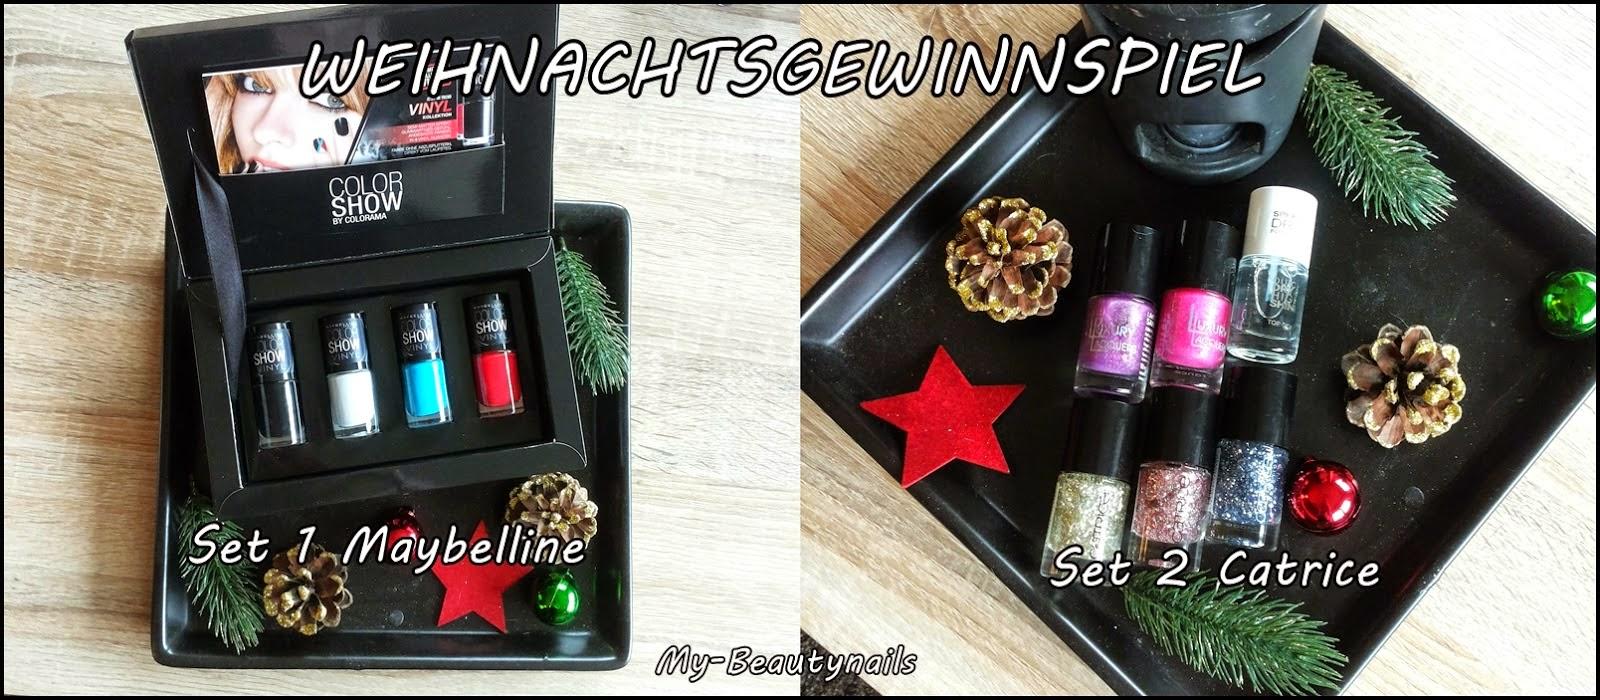 http://my-beautynails.blogspot.de/2014/11/groes-weihnachtsgewinnspiel.html